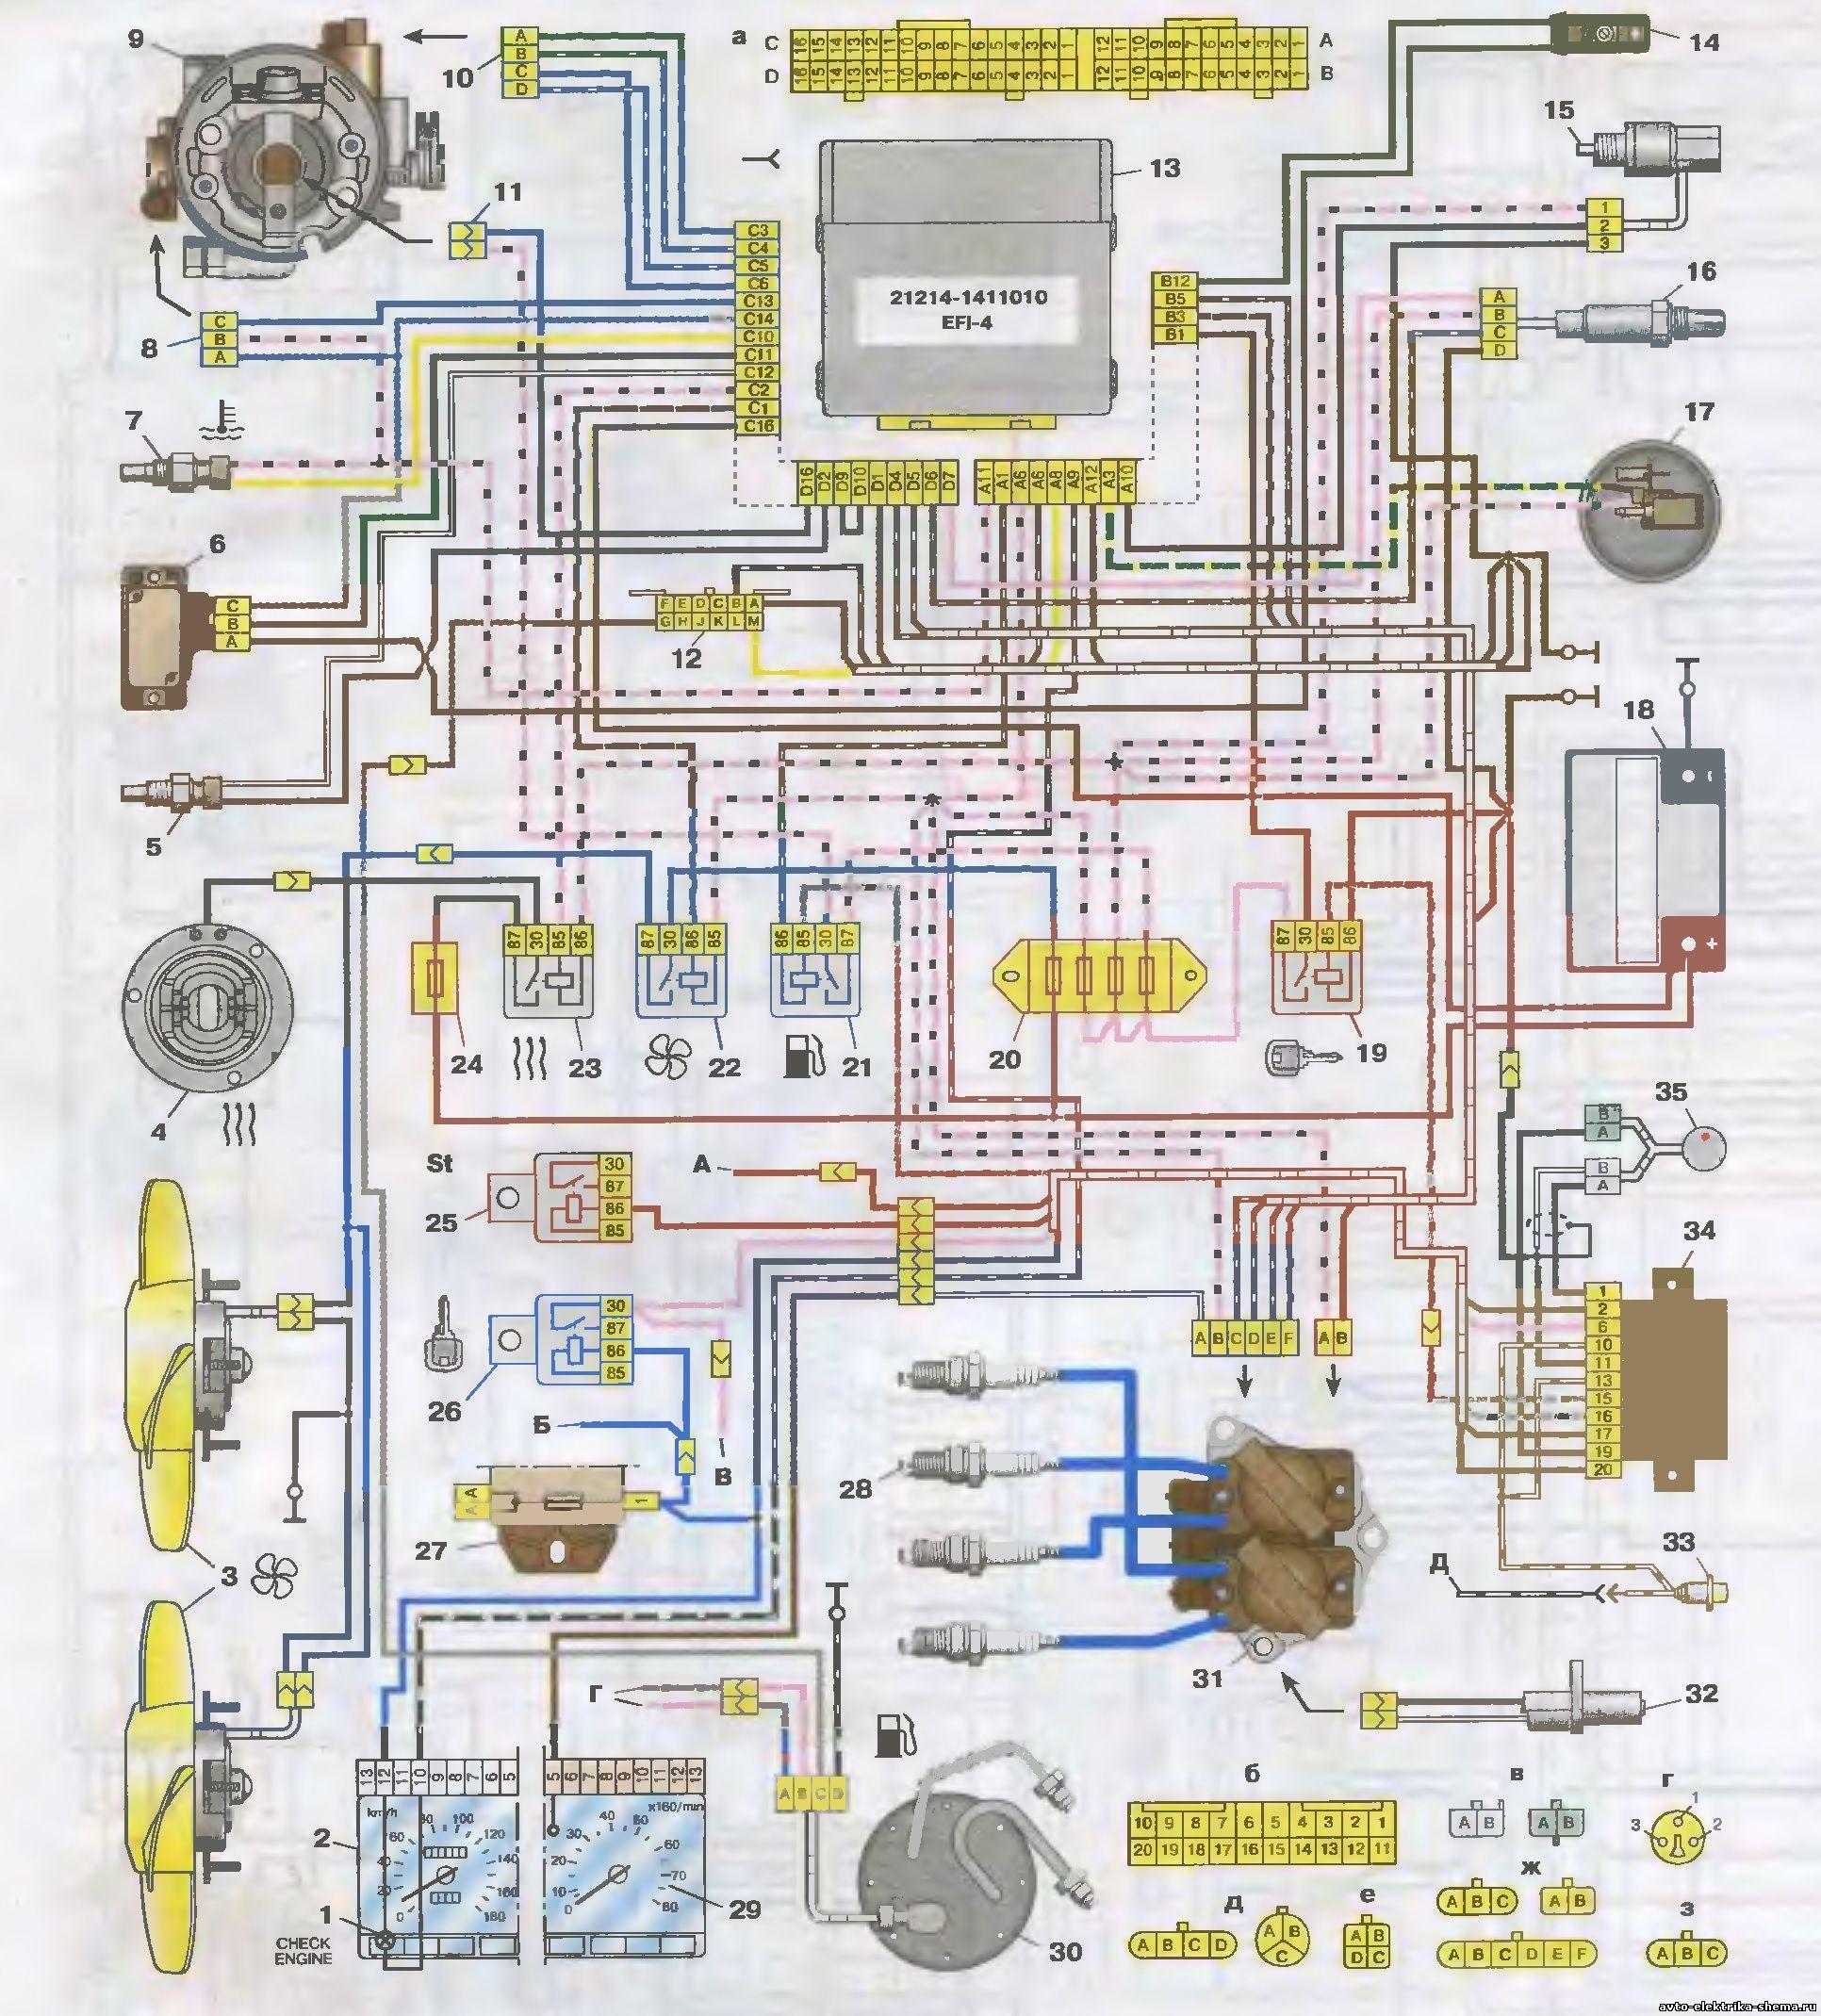 схема узлов и агрегатов ваз 21213